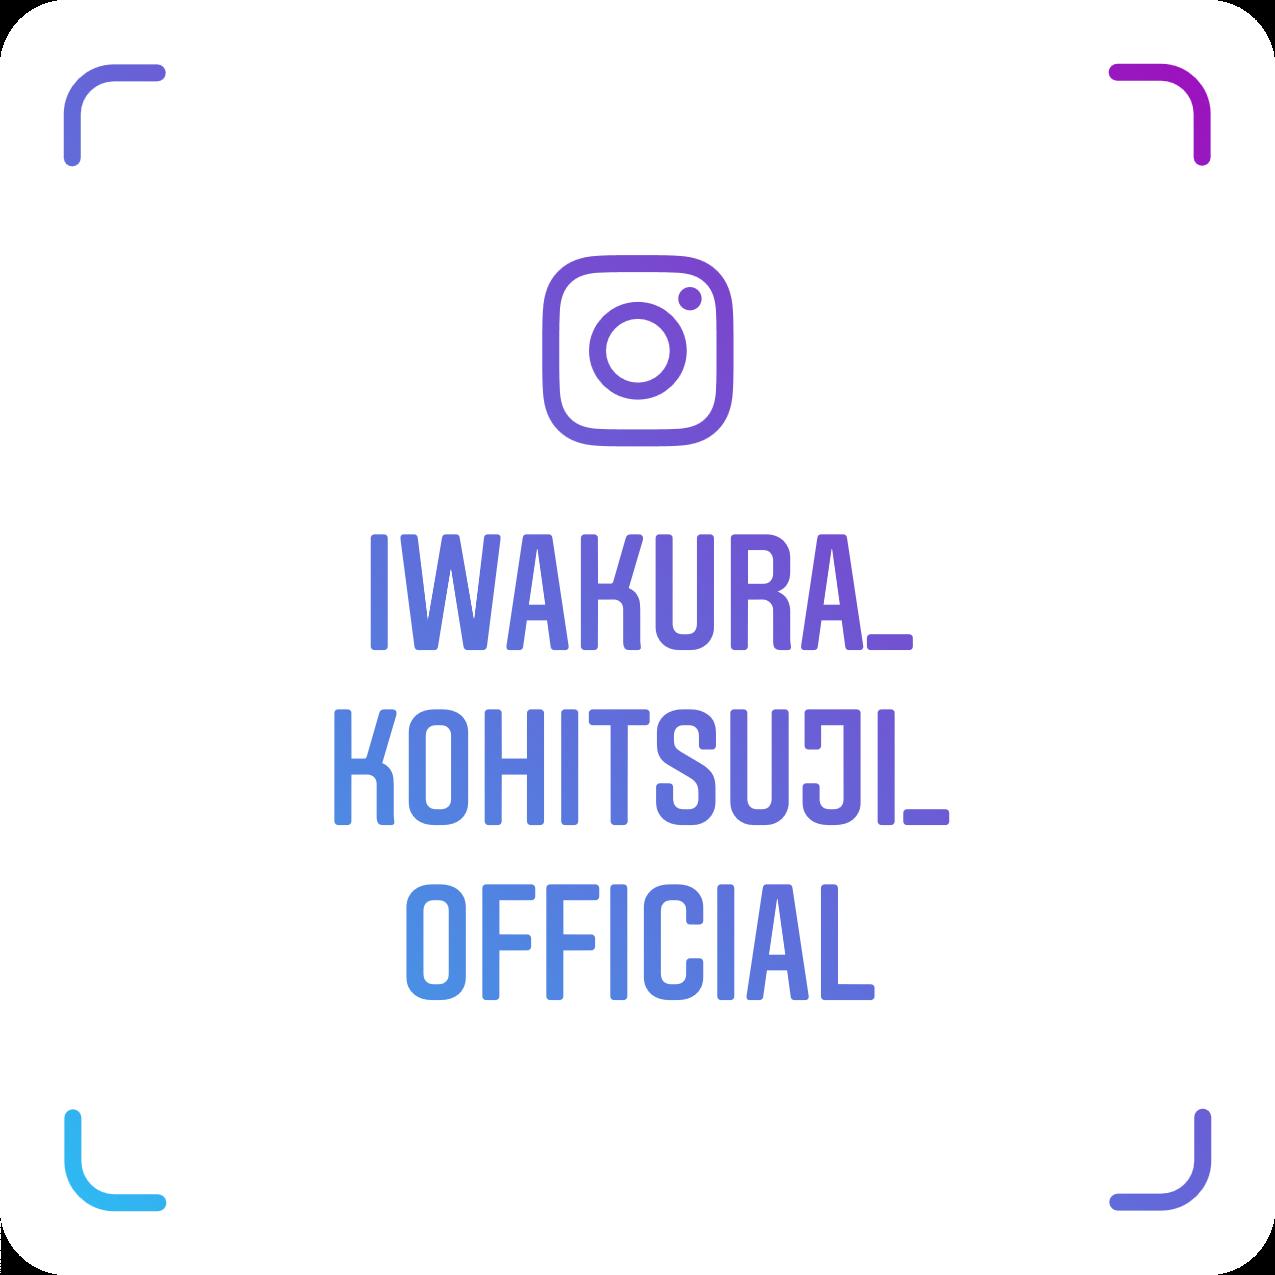 公式Instagram Nametag